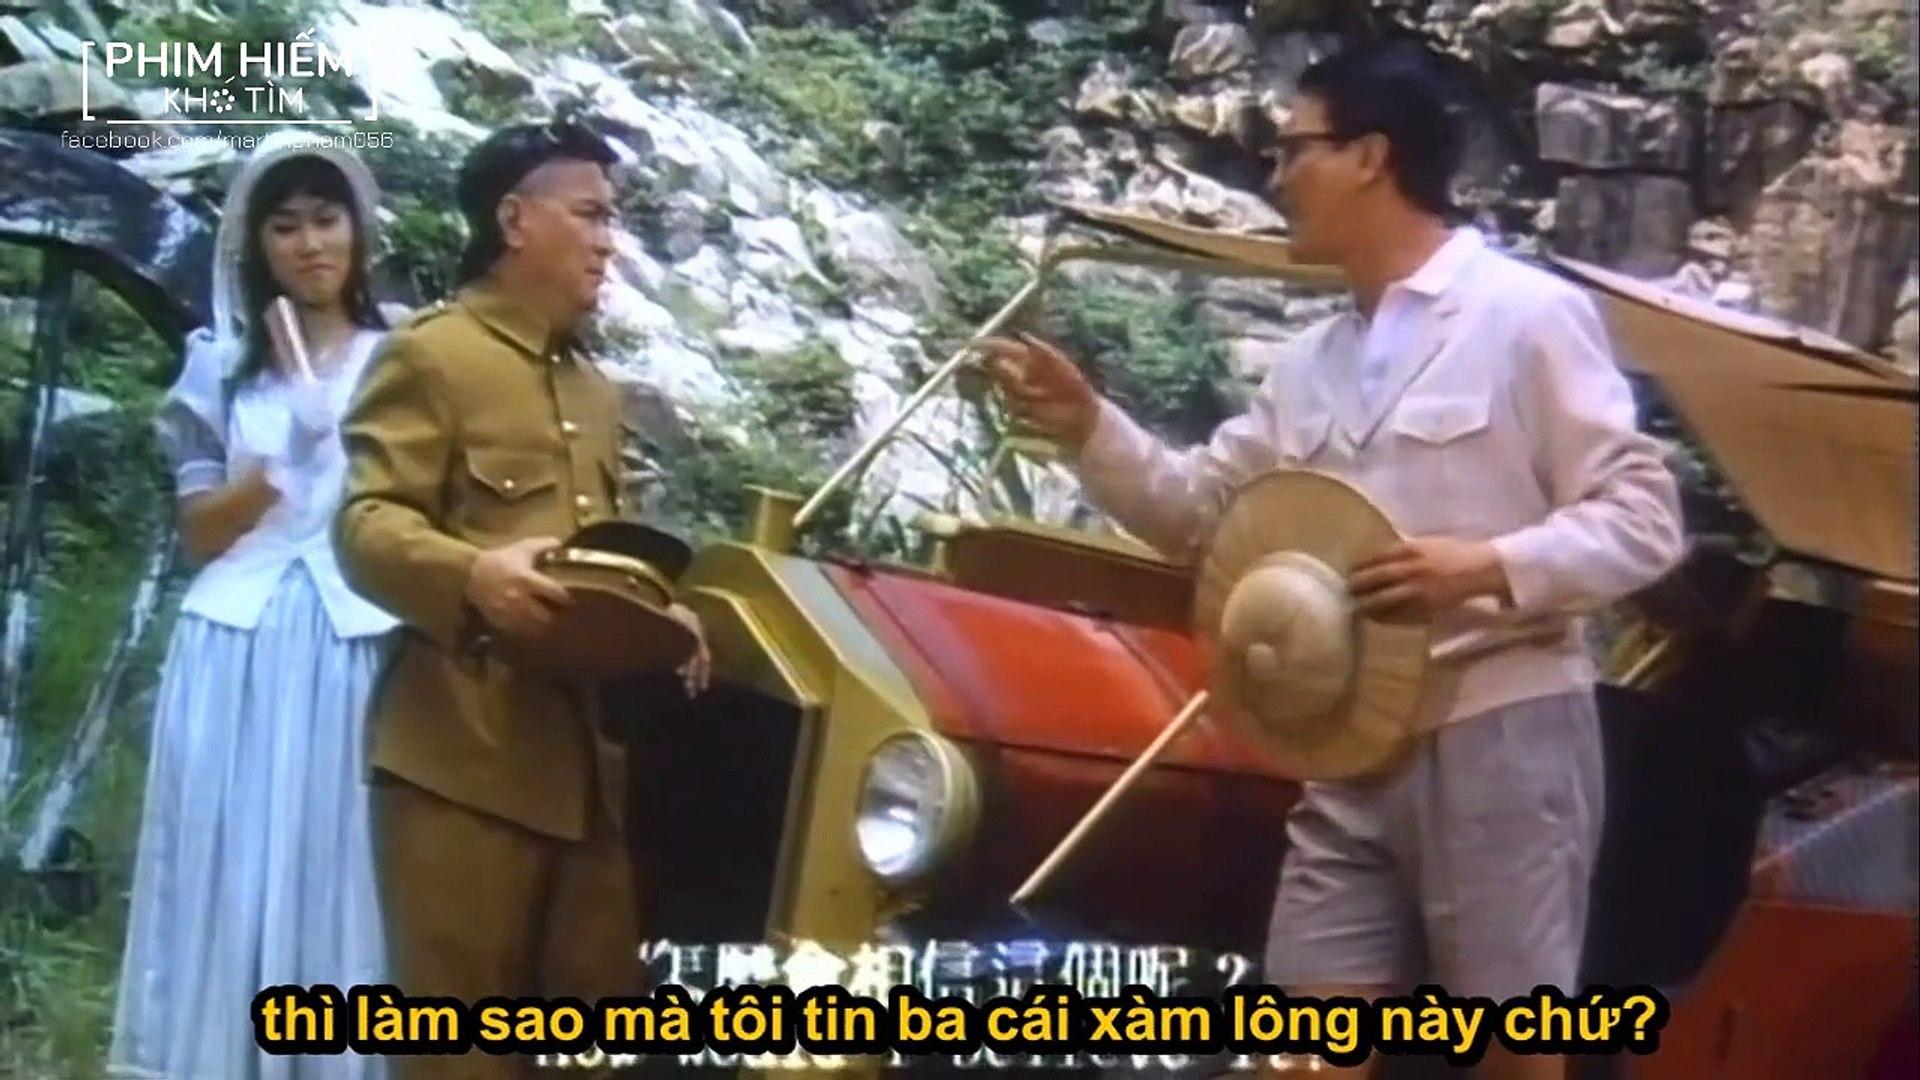 The First Vampire In China 1986 - Cương Thi Mao Sơn 1986 Vietsub Tập 1